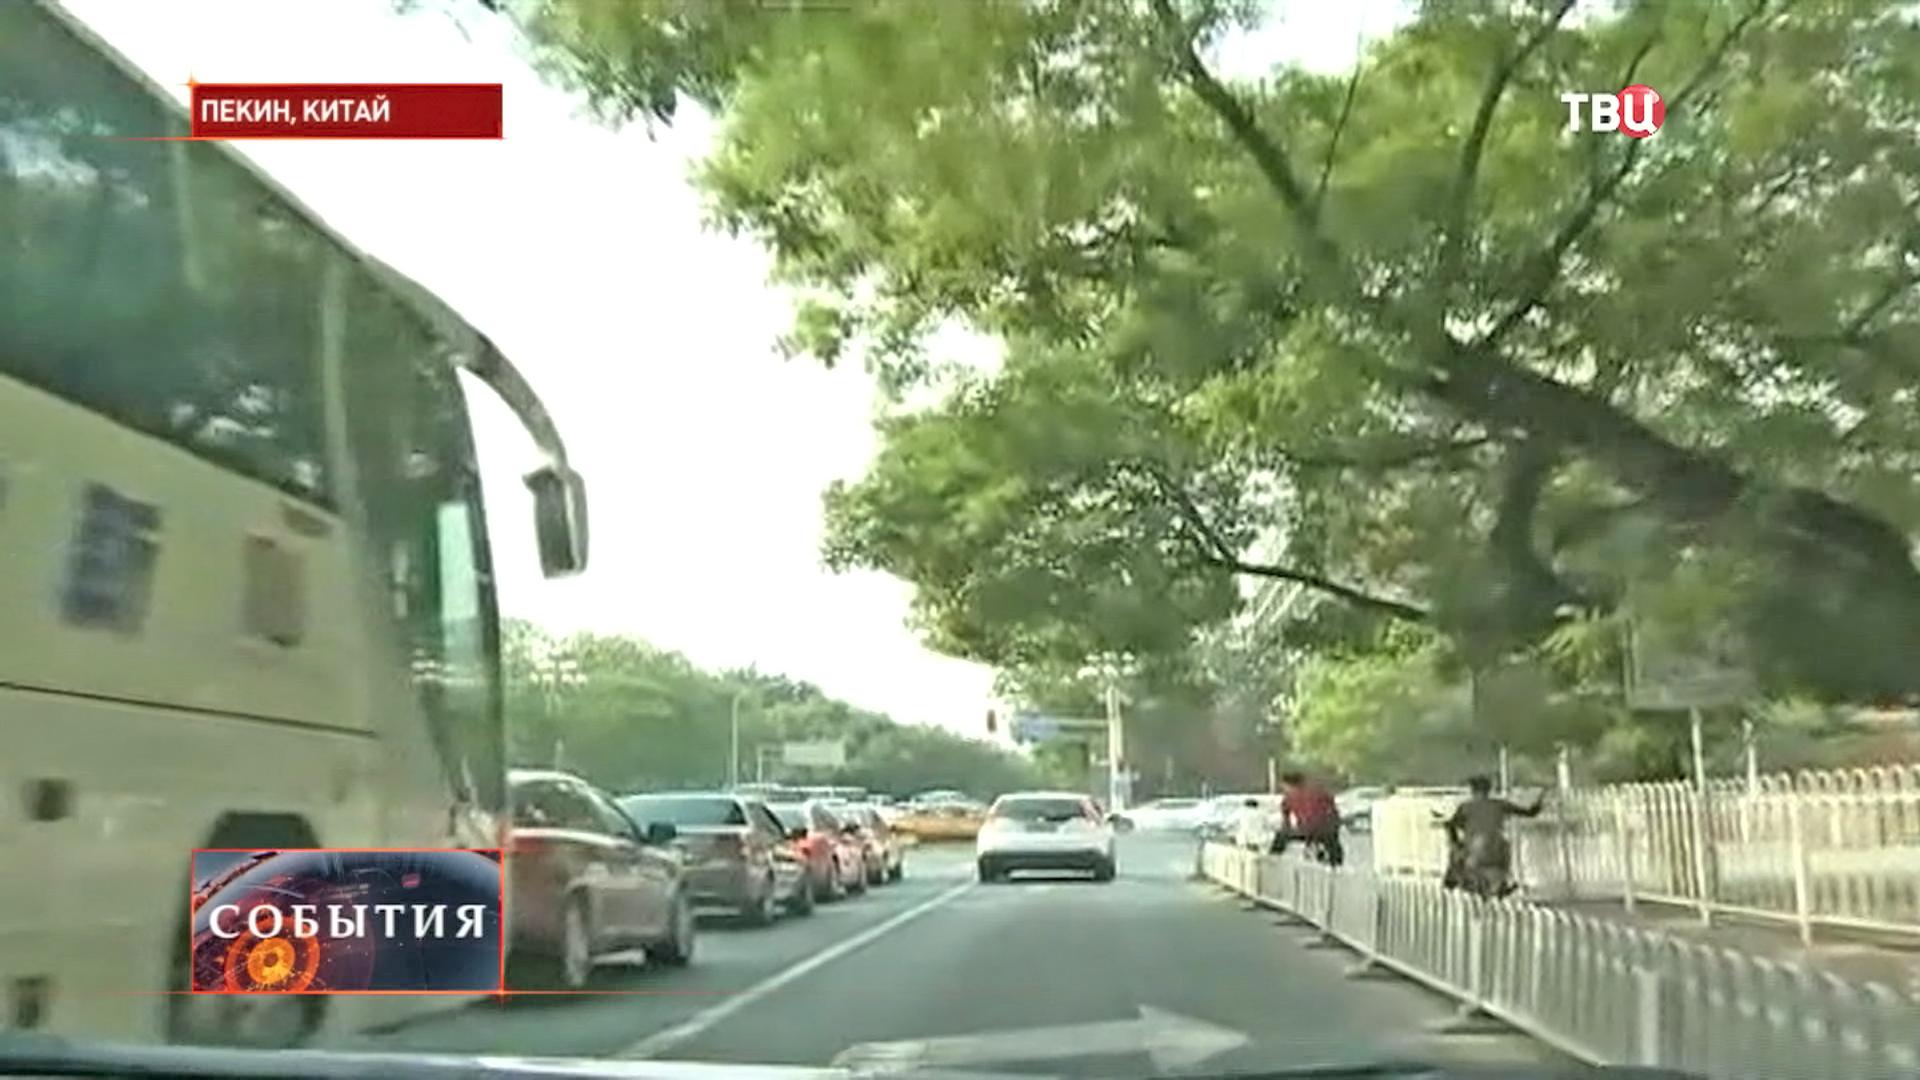 Дороги в Пекине